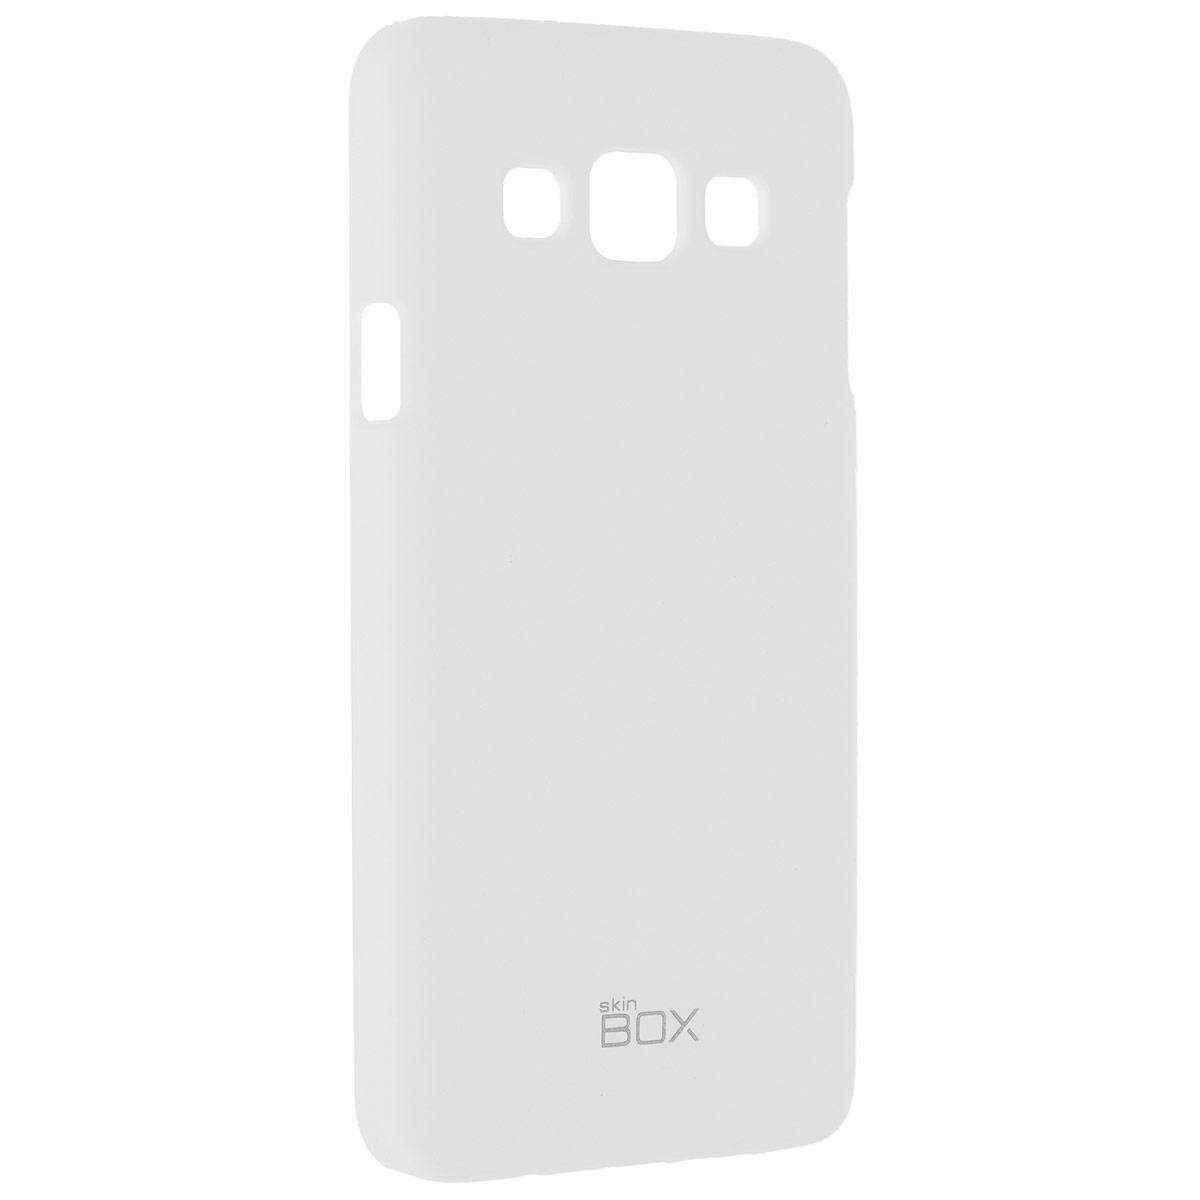 Skinbox Shield 4People чехол для Samsung Galaxy A3, WhiteT-S-SGA300-002Чехол Skinbox Shield 4People для Samsung Galaxy A3 предназначен для защиты корпуса смартфона от механических повреждений и царапин в процессе эксплуатации. Имеется свободный доступ ко всем разъемам и кнопкам устройства. В комплект также входит защитная пленка на экран телефона.